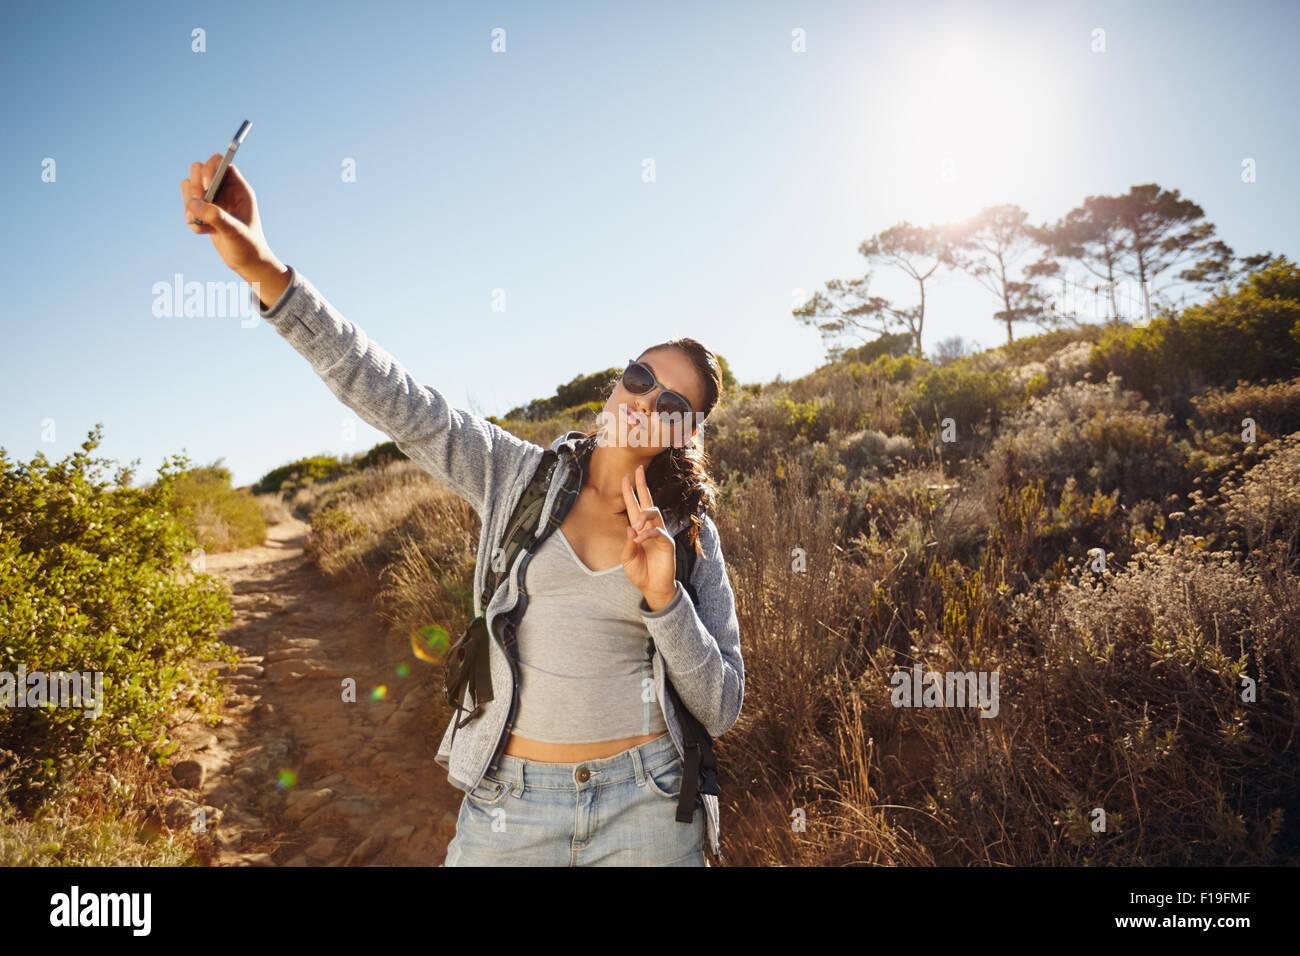 Feliz y energética mujer joven tomando un selfie. Ella está sujetando el teléfono móvil en la Imagen De Stock